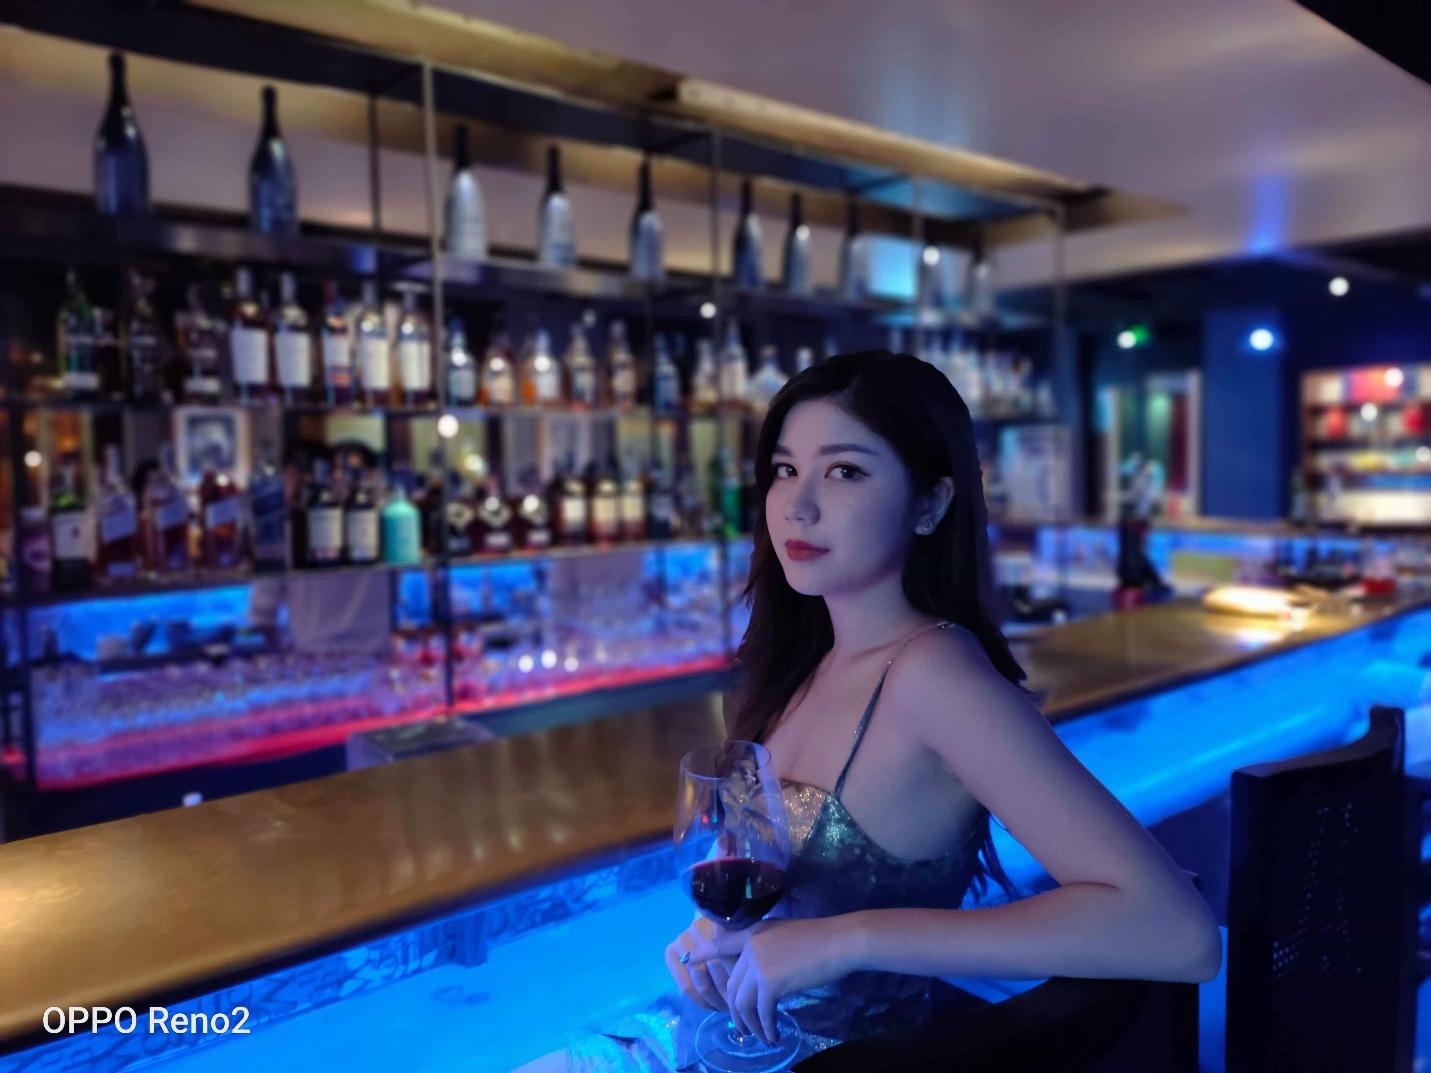 Nghe An Japan mách nước để có ảnh chụp đêm lung linh, hút like trên mạng xã hội - Ảnh 4.